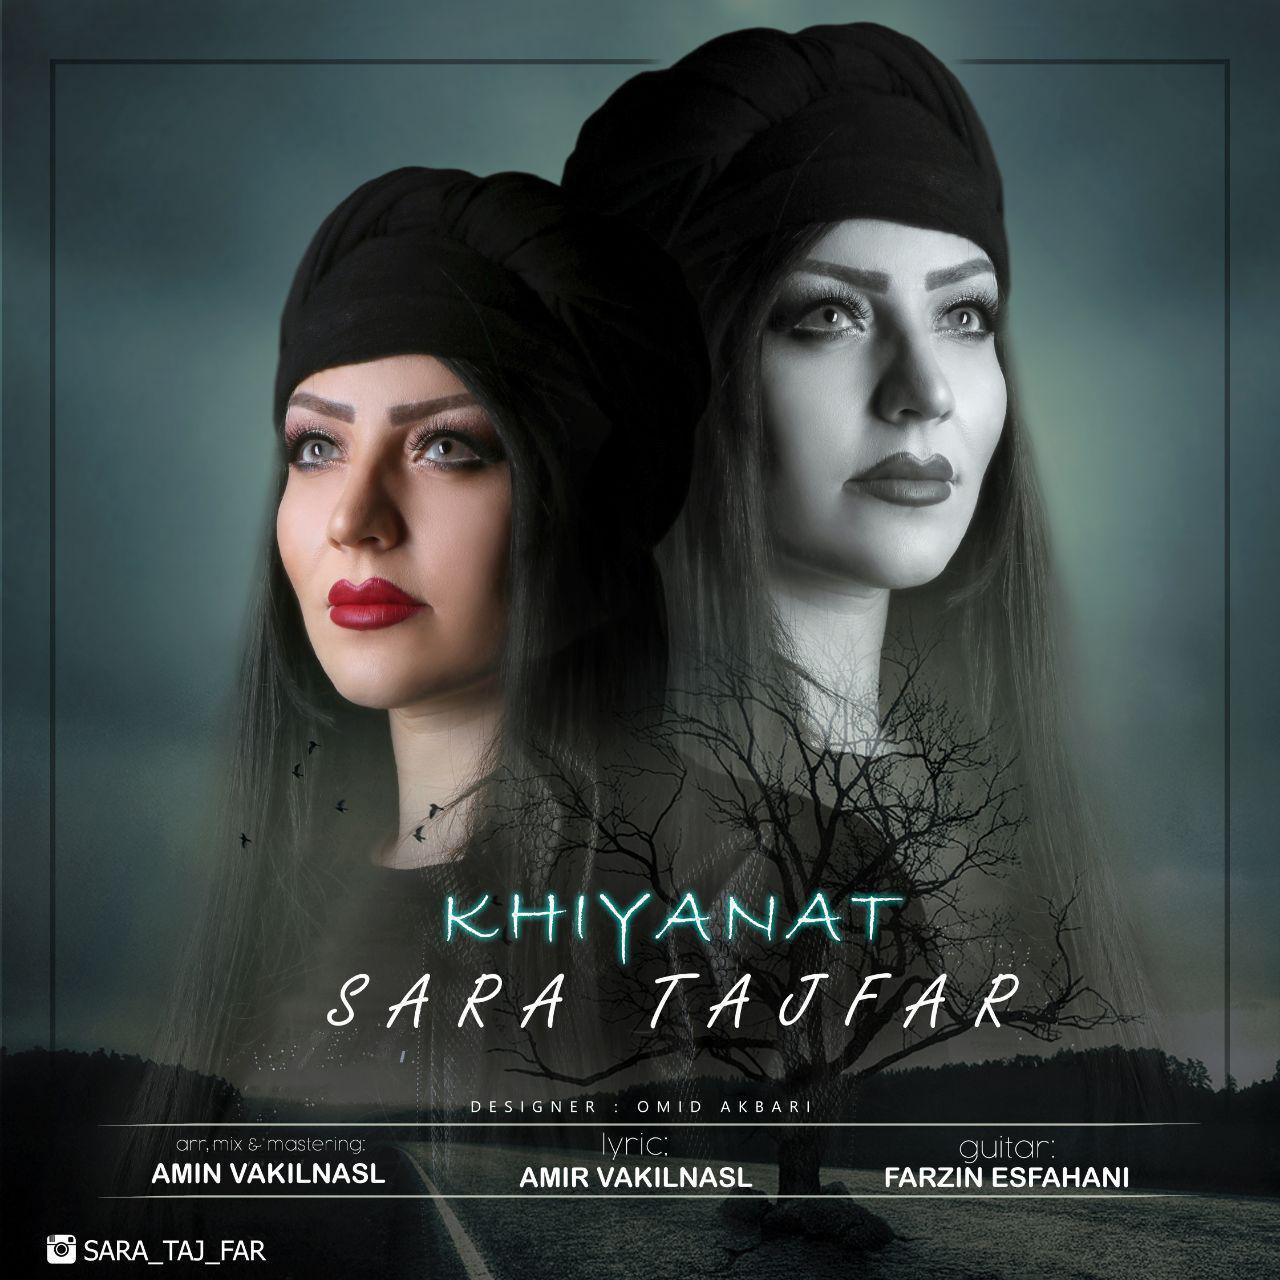 http://s9.picofile.com/file/8366042368/25Sara_Tajfar_Khiyanat.jpg